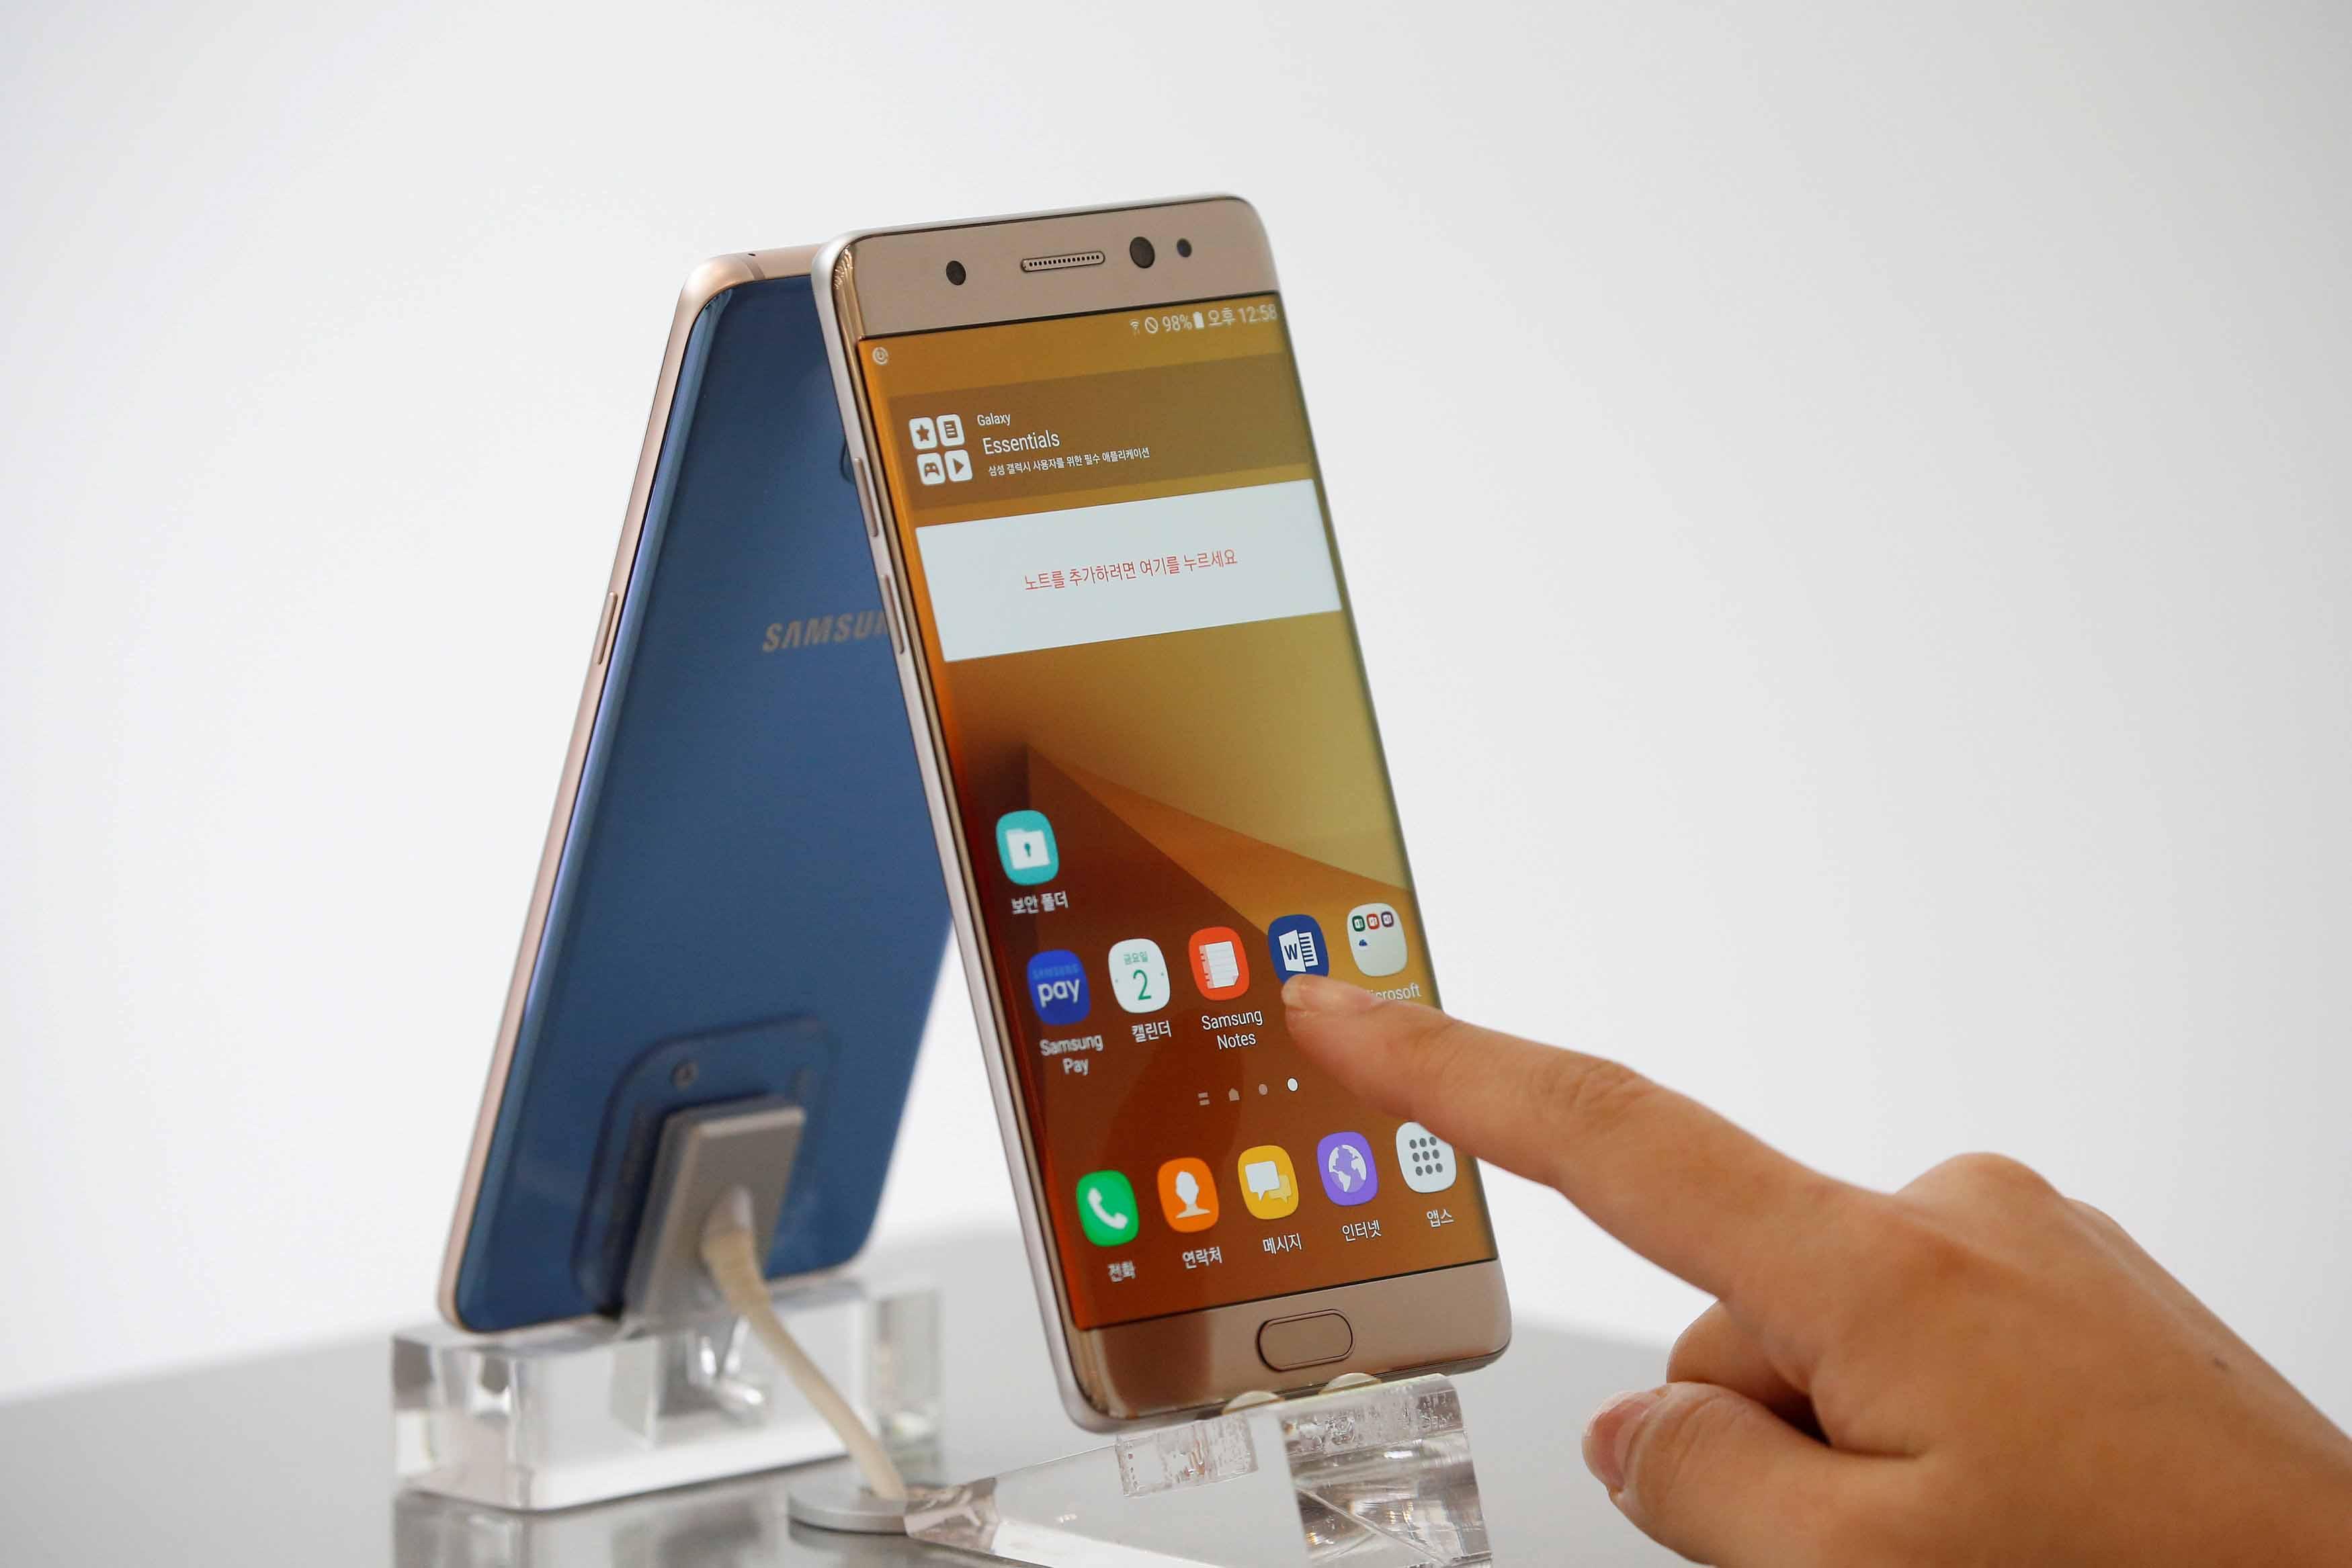 El organismo de Aviación Civil suspendió el uso del dispositivo de Samsung mientras estén en vuelo por amenazas de incendios